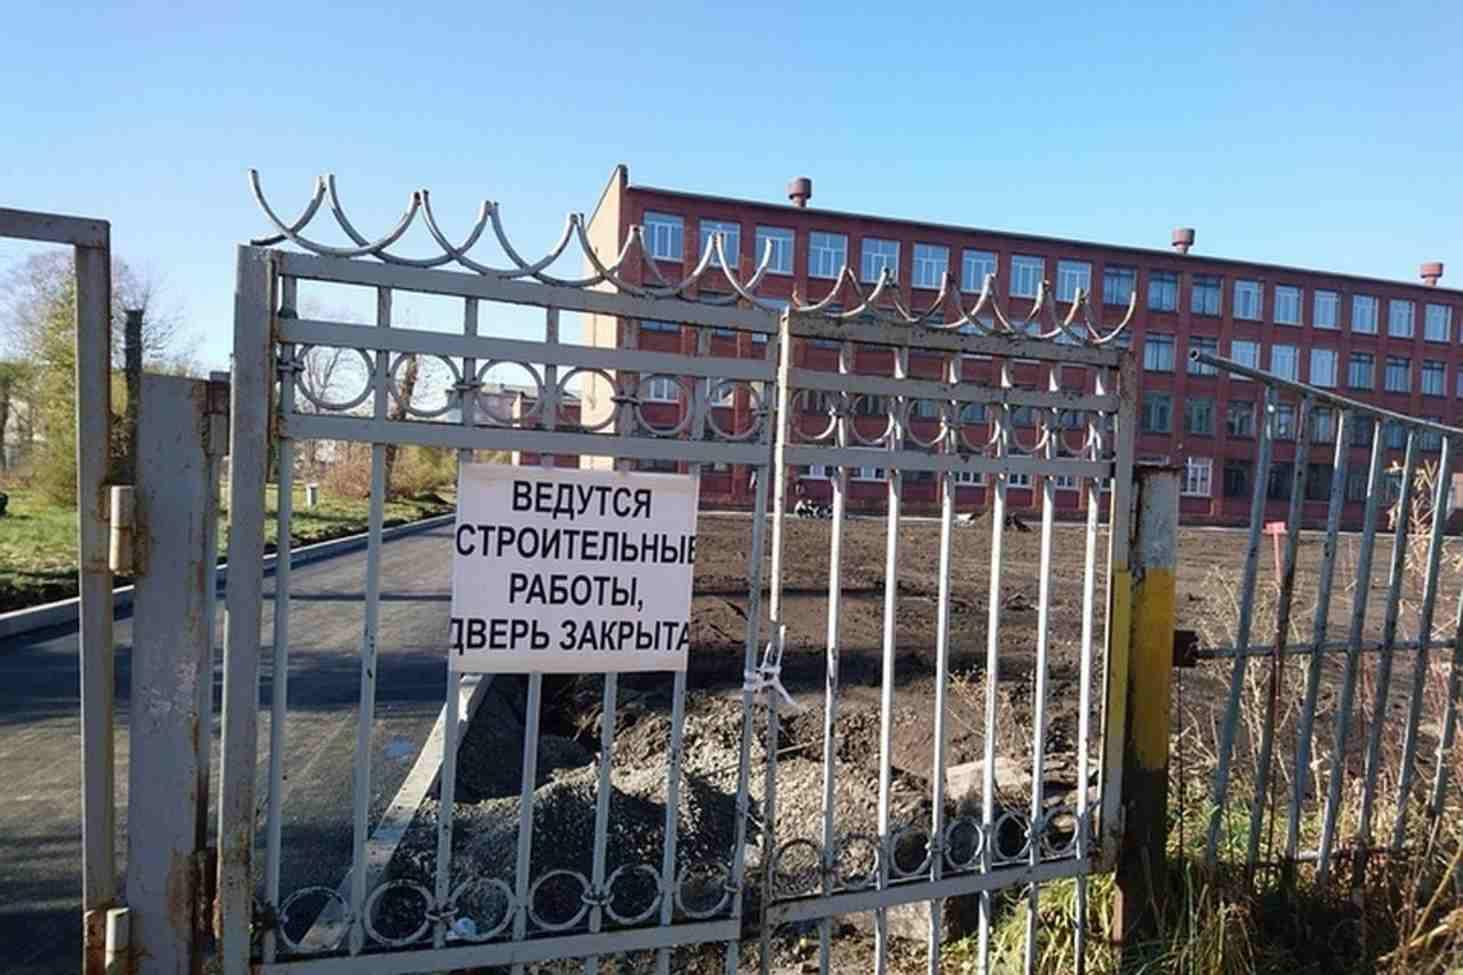 dmitrij-medvedev-predlozhil-ne-tolko-stroit-novye-shkoly-v-selah-no-i-rekonstruirovat-starye